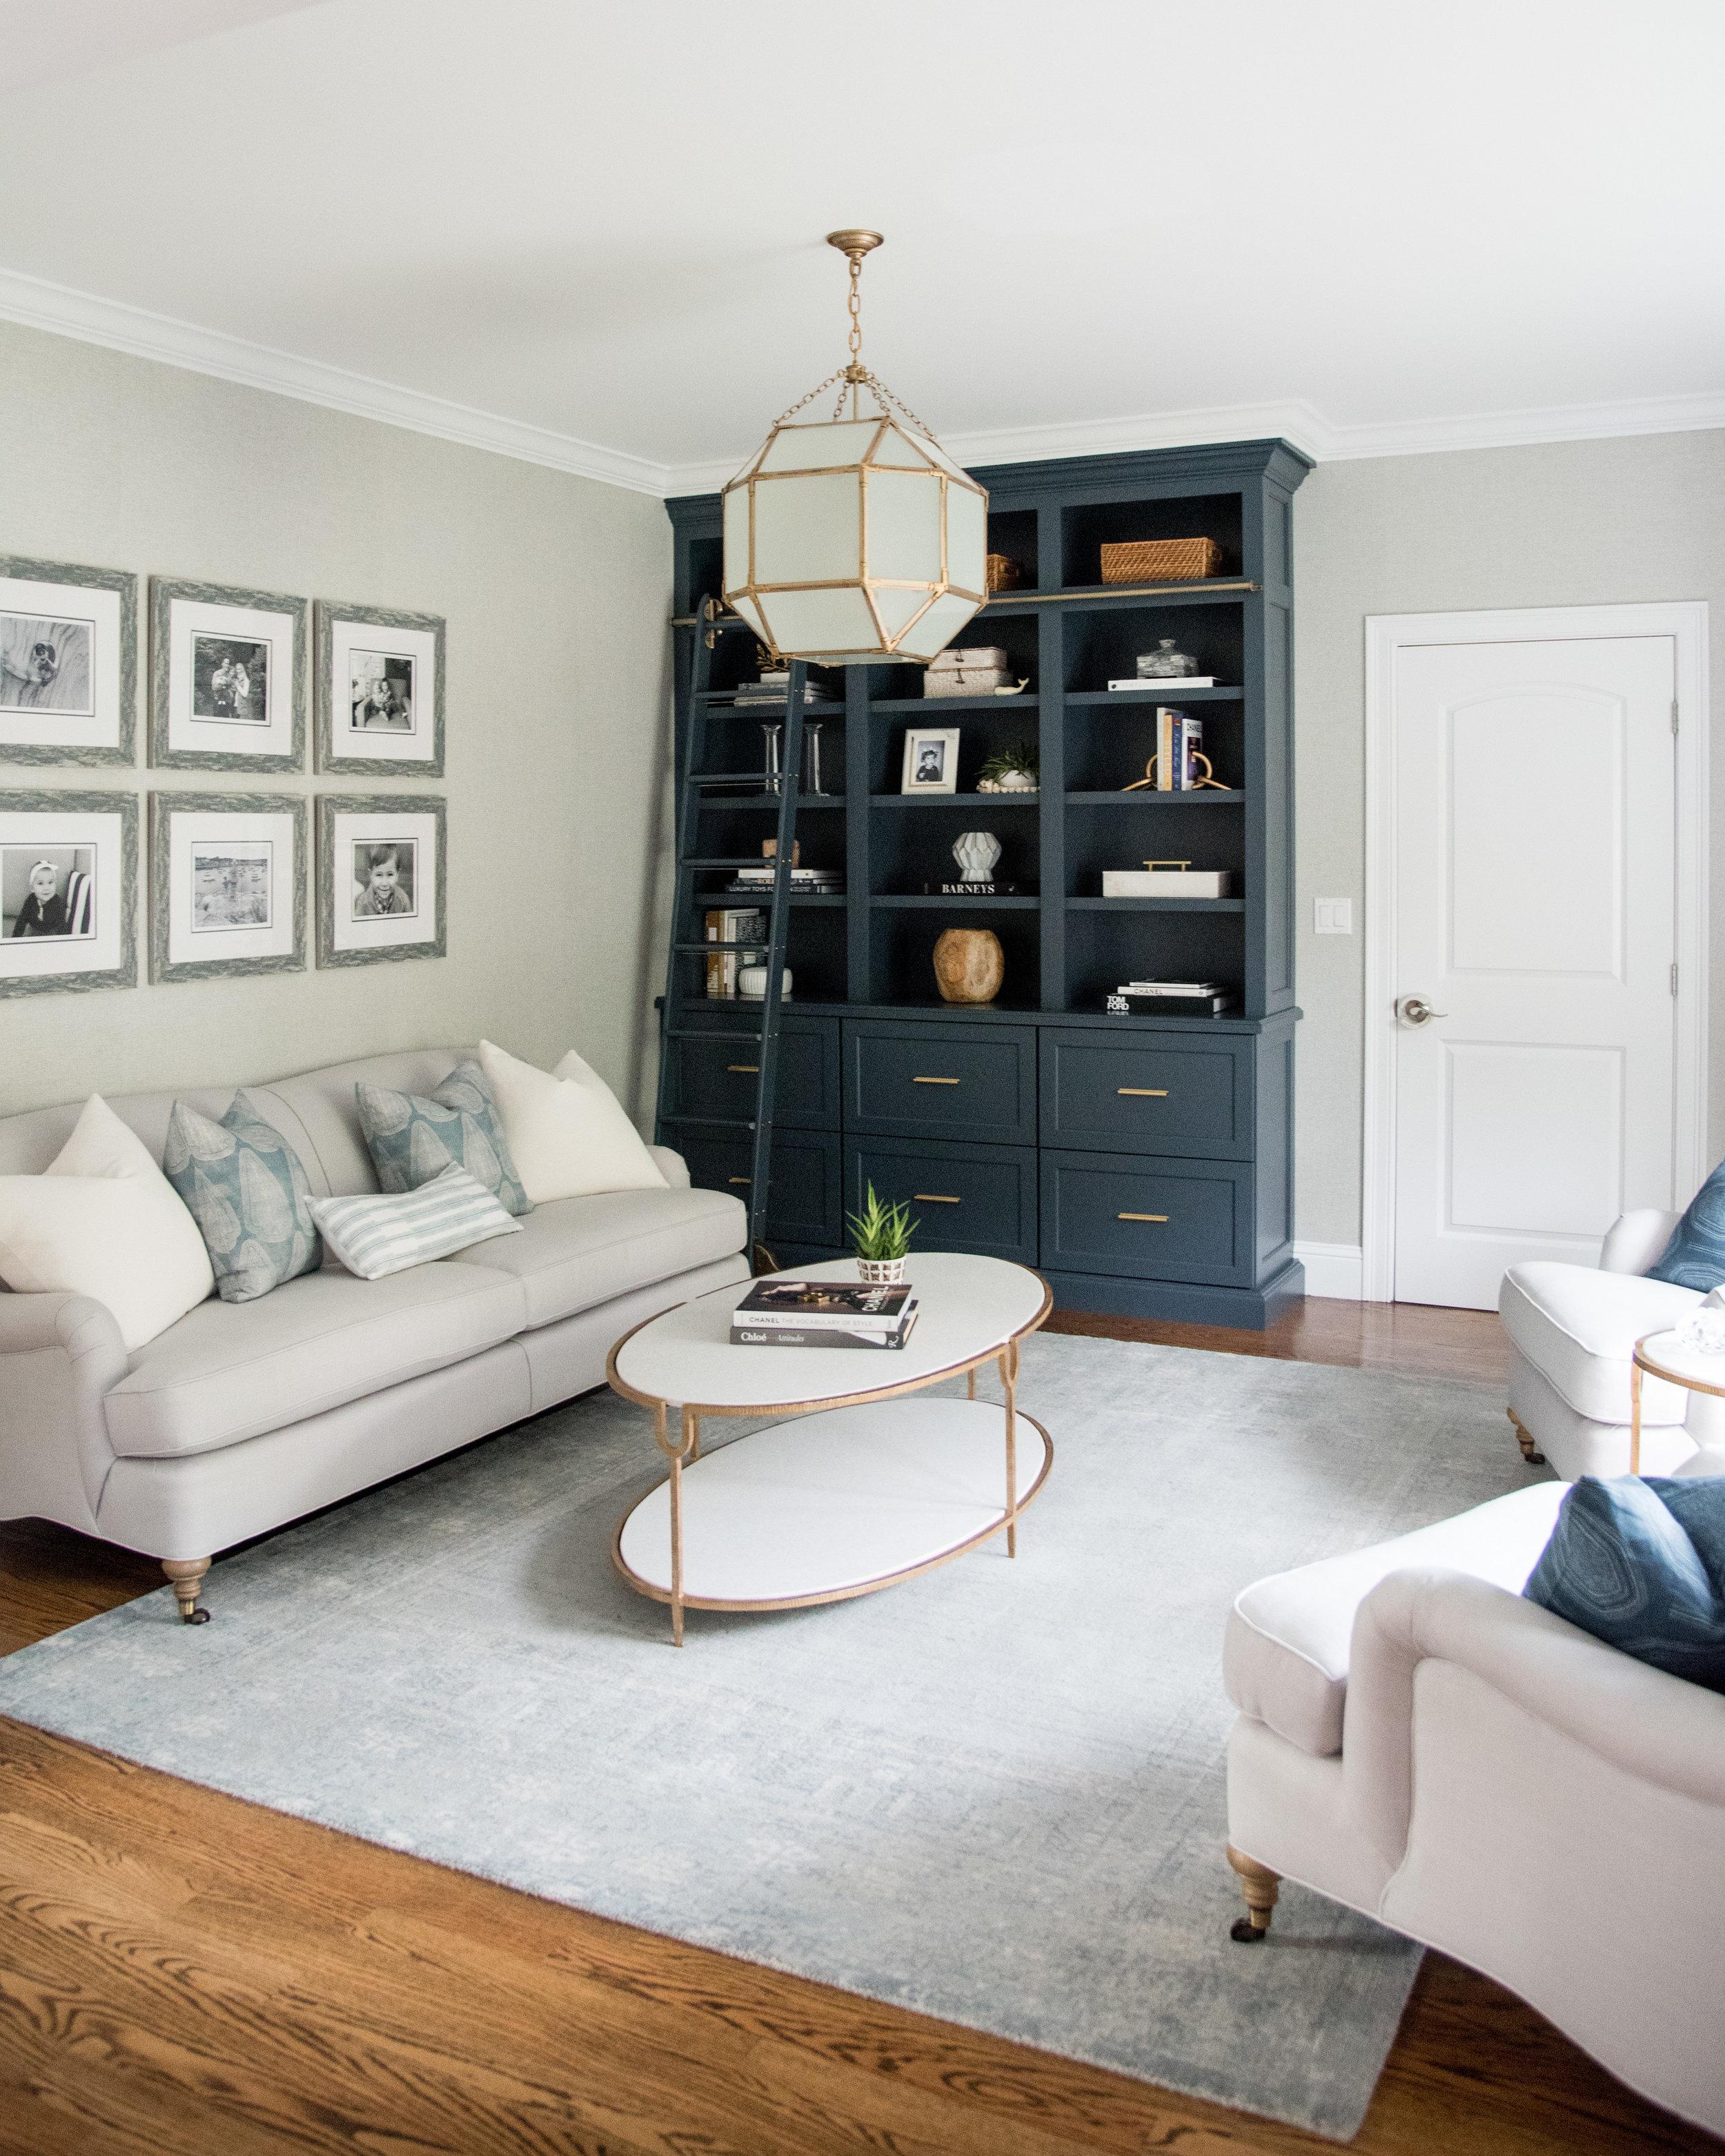 gina baran interiors + design